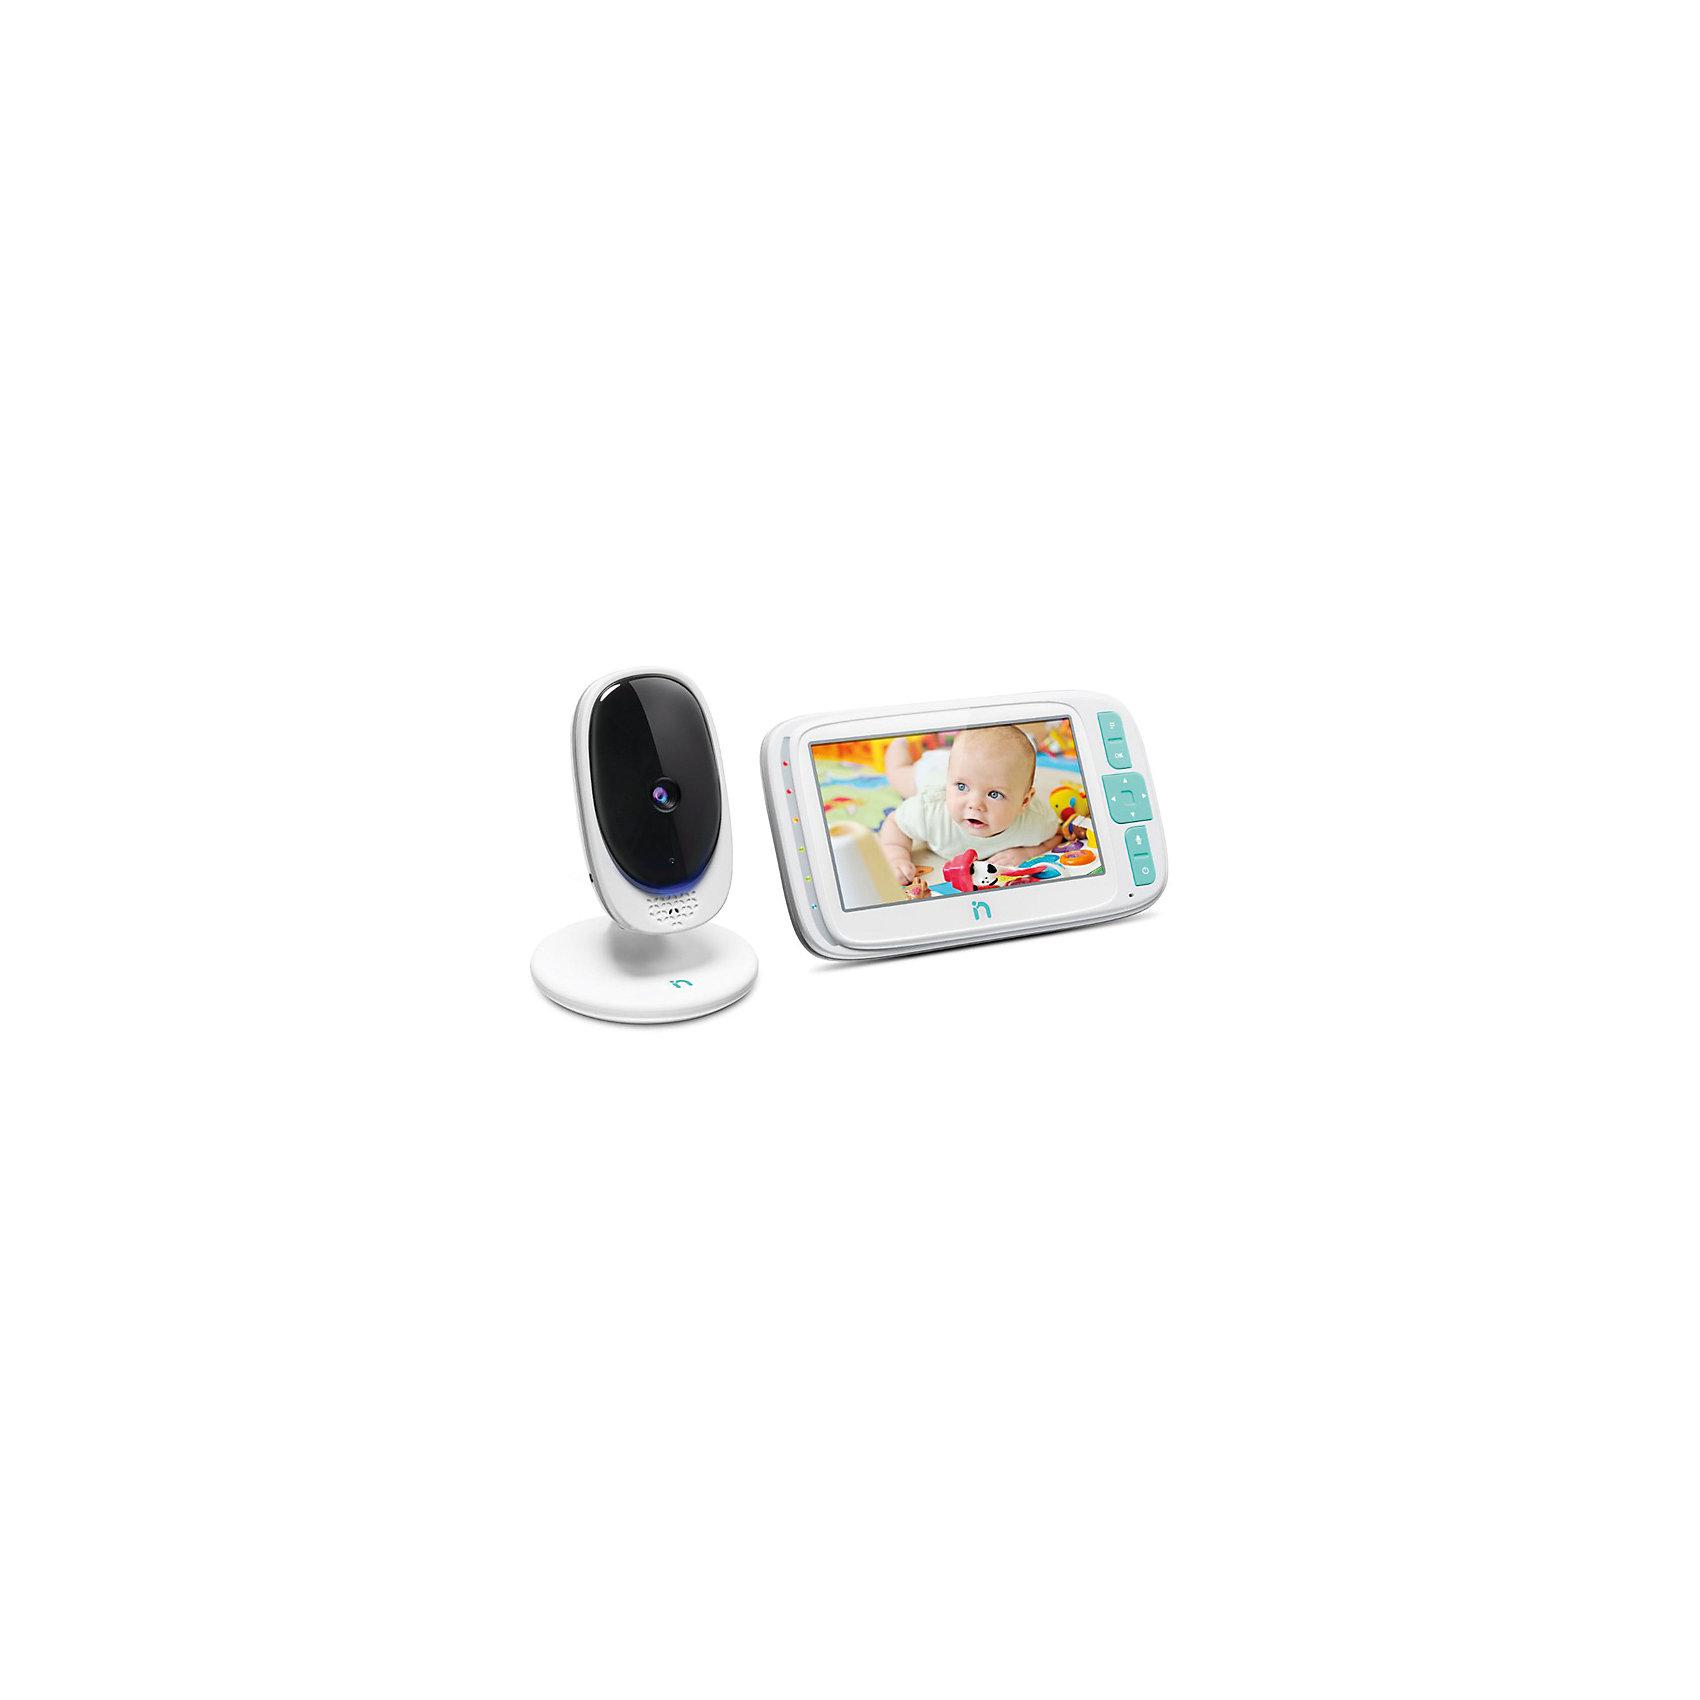 """Видеоняня с LCD дисплеем 5'' iNanny, цифроваяДетская бытовая техника<br>ЖК-дисплей 5"""" с разрешением 480x272 пикс. Камера может работает от батареек (до 2 часов непрерывной работы). Двухсторонняя связь. 5 колыбельных мелодий. Световой индикатор шума. Функция ночного видения. Возможность подключения до 4 камер одновременно. Цветная передача изображения в высоком качестве. ECO-режим. Кристально чистый звук. Дисплей: 5"""". Радиус действия 300 метров<br><br>Ширина мм: 225<br>Глубина мм: 150<br>Высота мм: 110<br>Вес г: 686<br>Возраст от месяцев: 0<br>Возраст до месяцев: 24<br>Пол: Унисекс<br>Возраст: Детский<br>SKU: 6875627"""